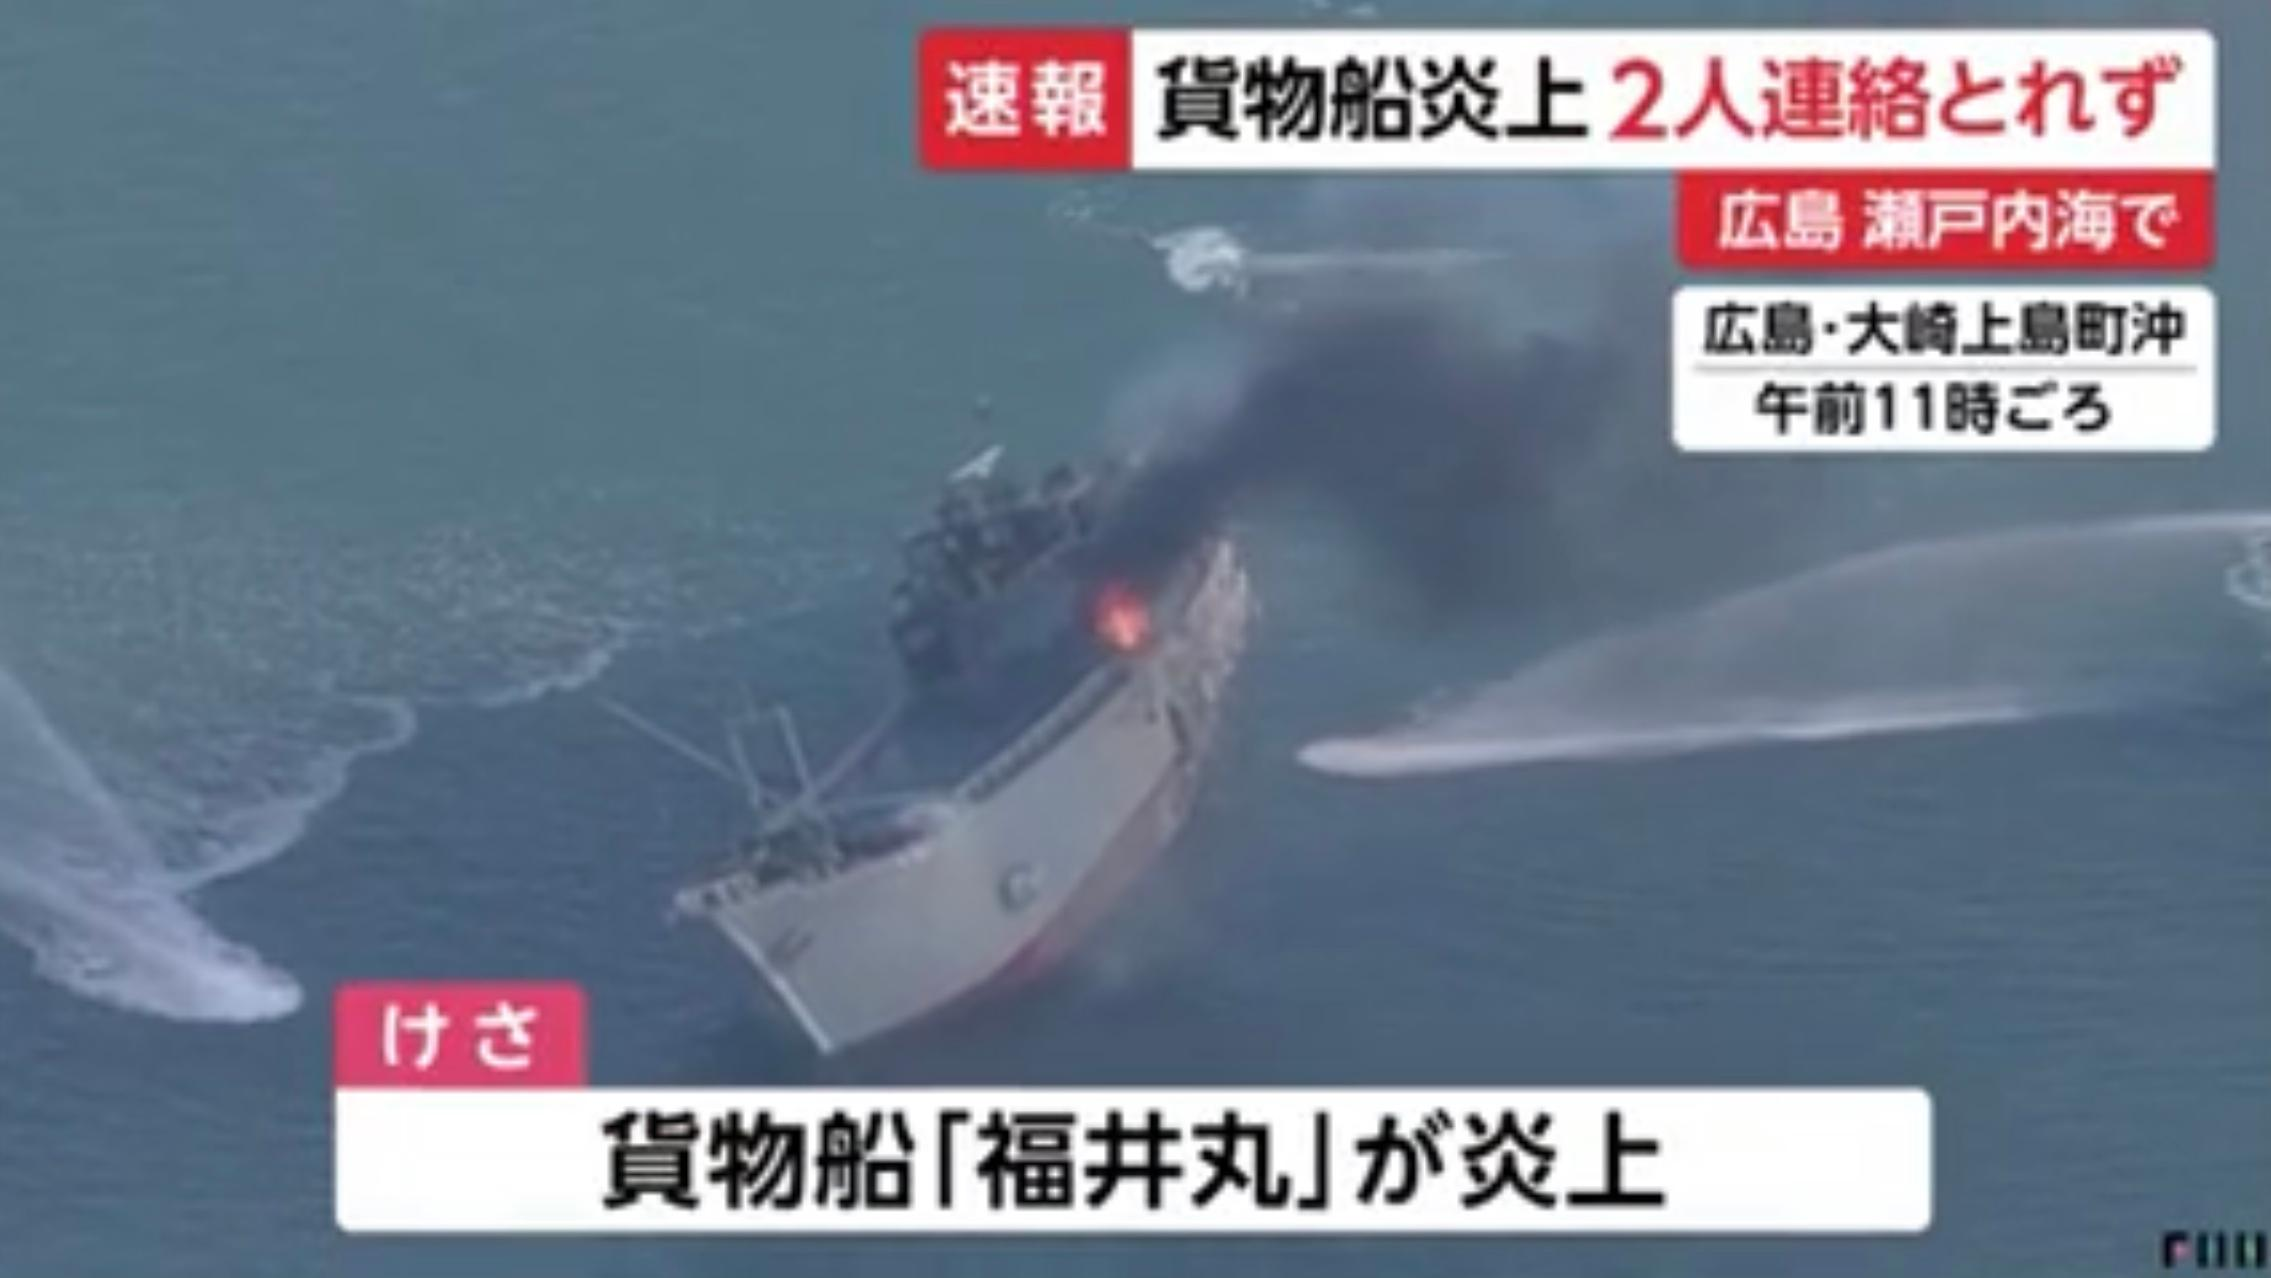 一货船在日本广岛沿海起火 船上2人失联 第1张